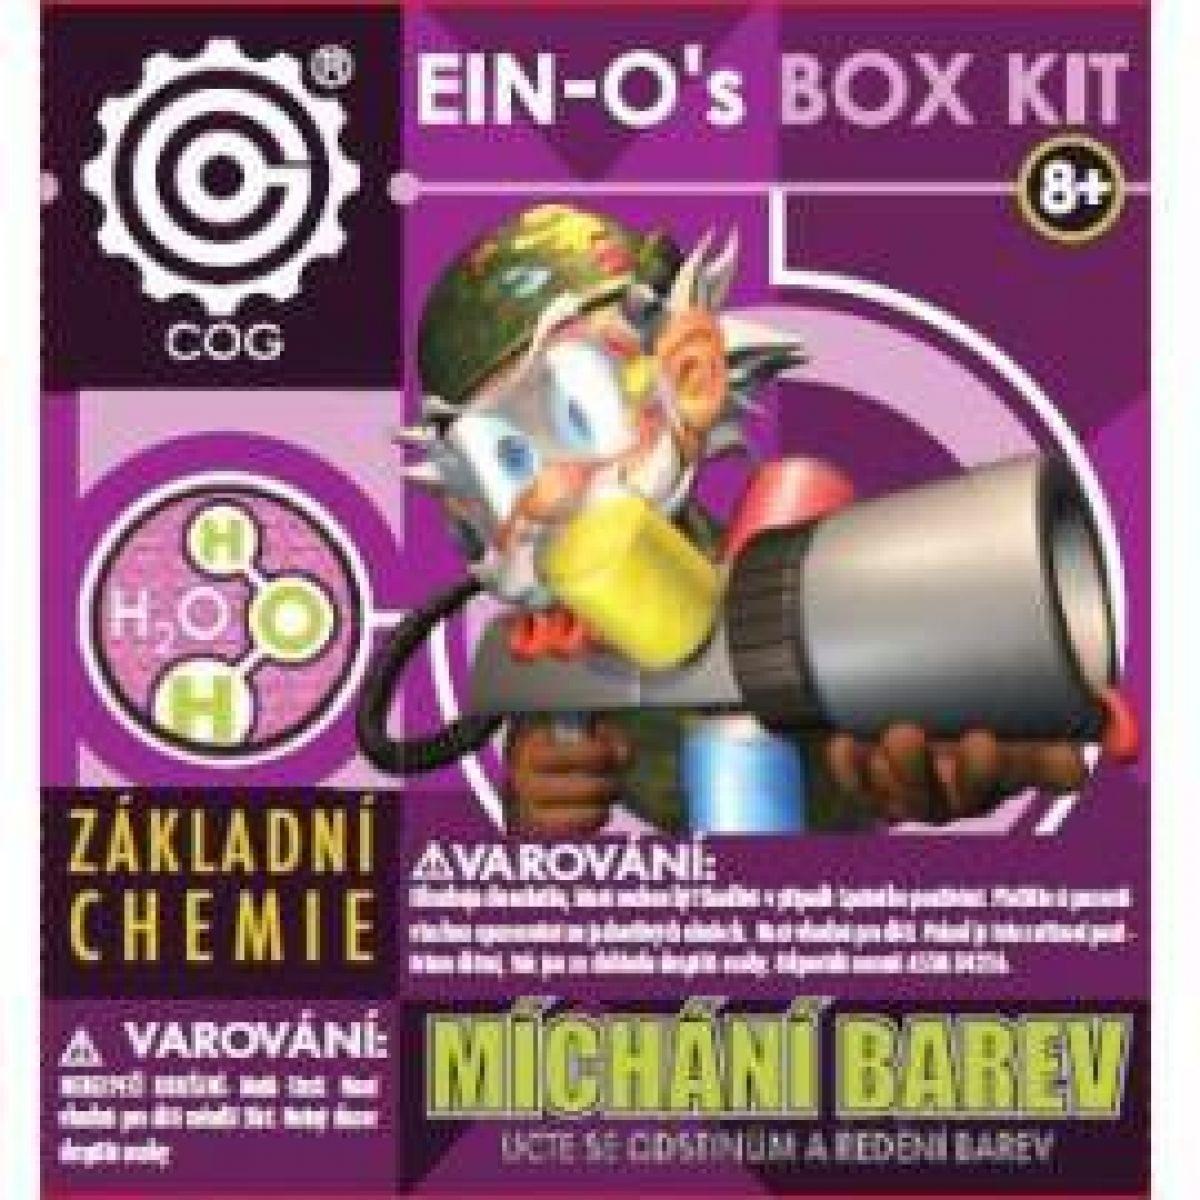 Základy chemie - Míchání barev E23872